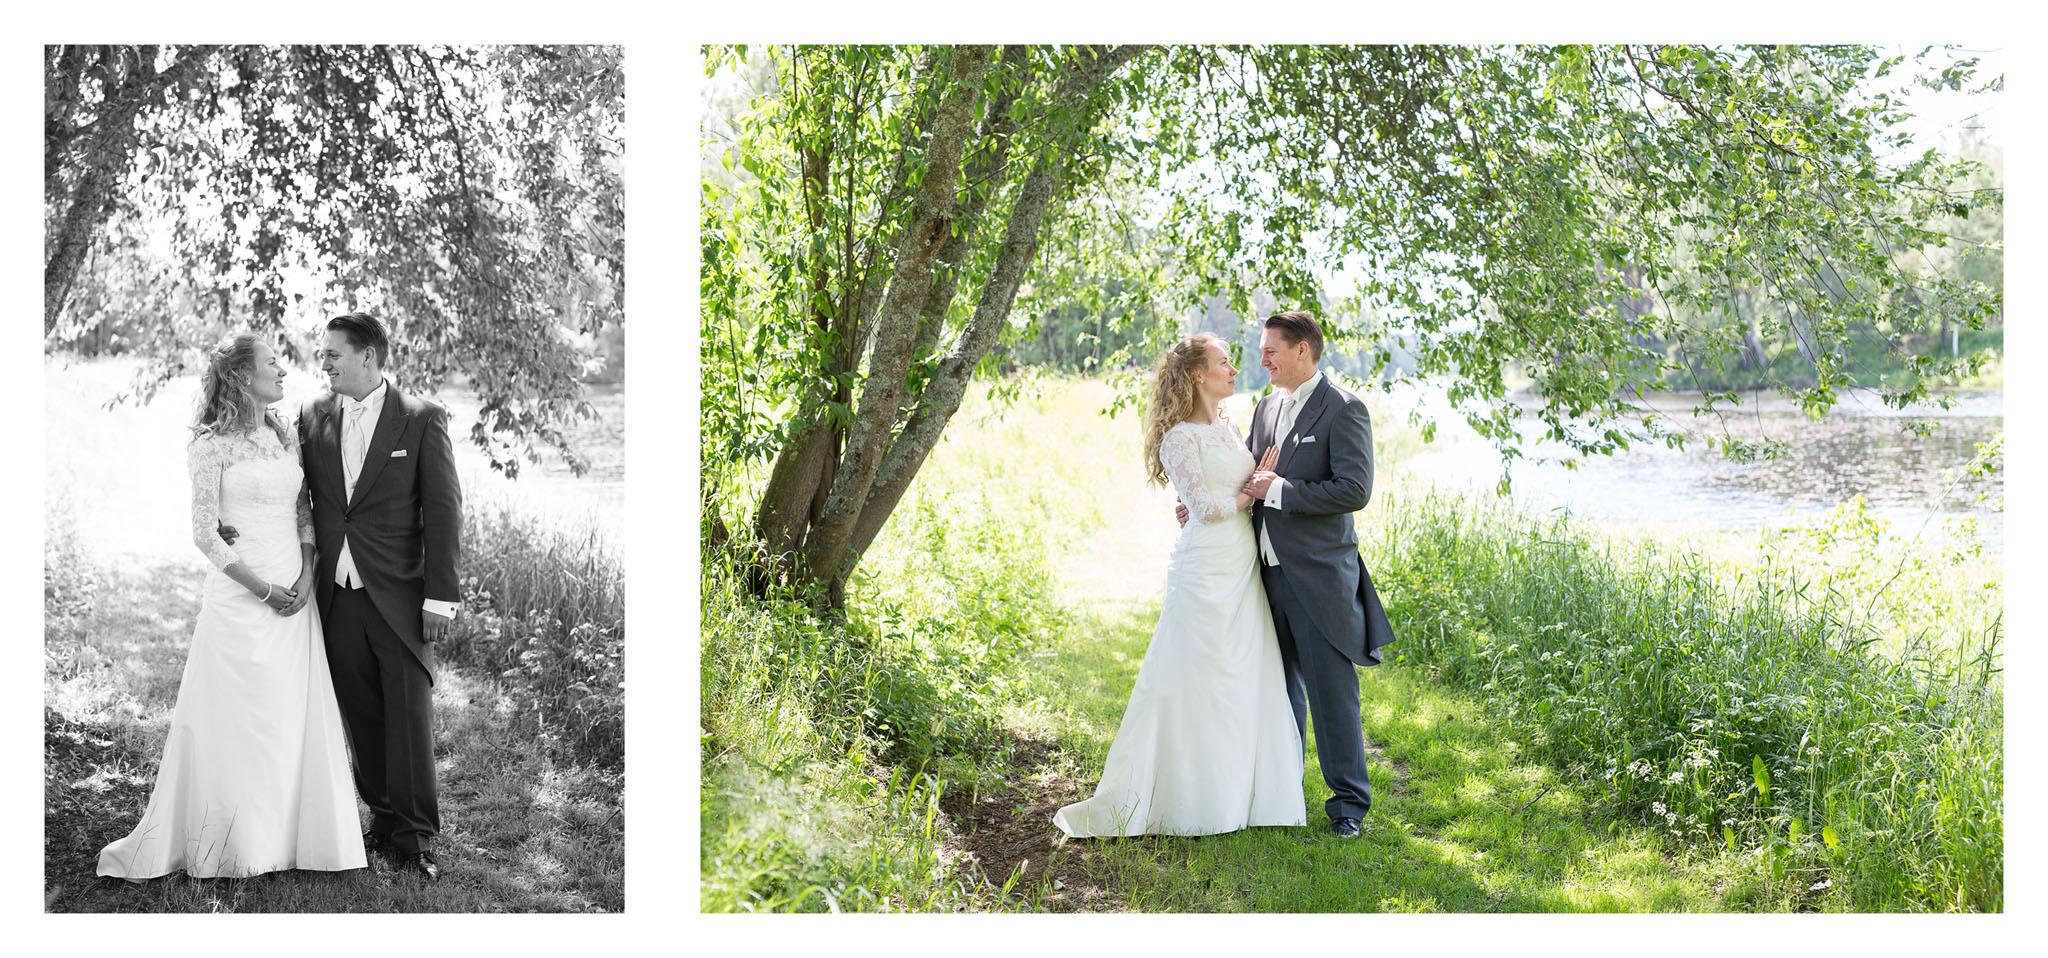 bröllop_fotograf_järvsö_hudiksvall_sundsvall_söderhamn_bollnäs_ljusdal_sabina_Wixner_1.jpg